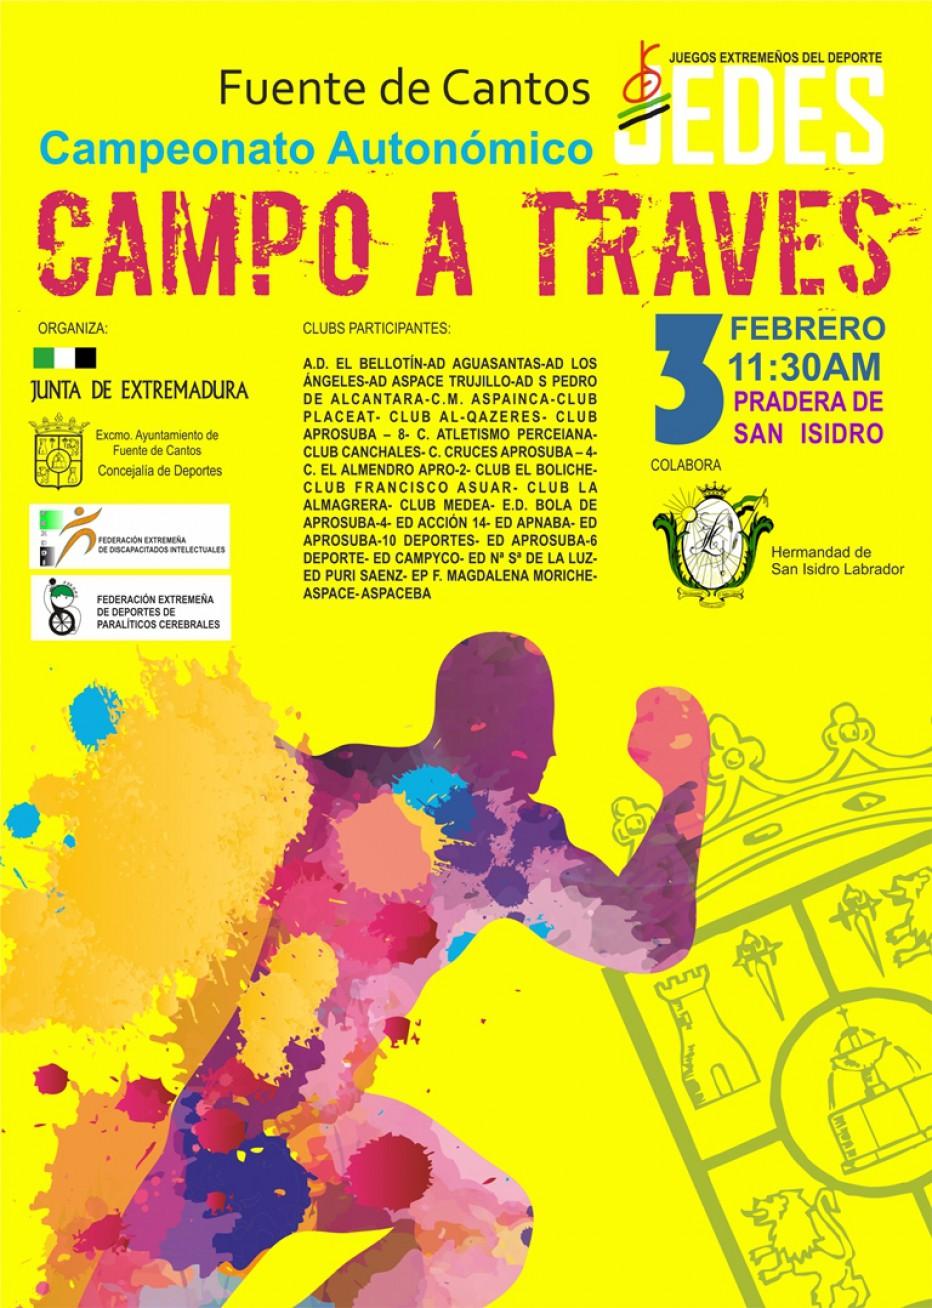 Campeonato Autonómico de Campo A Través 3 de Febrero